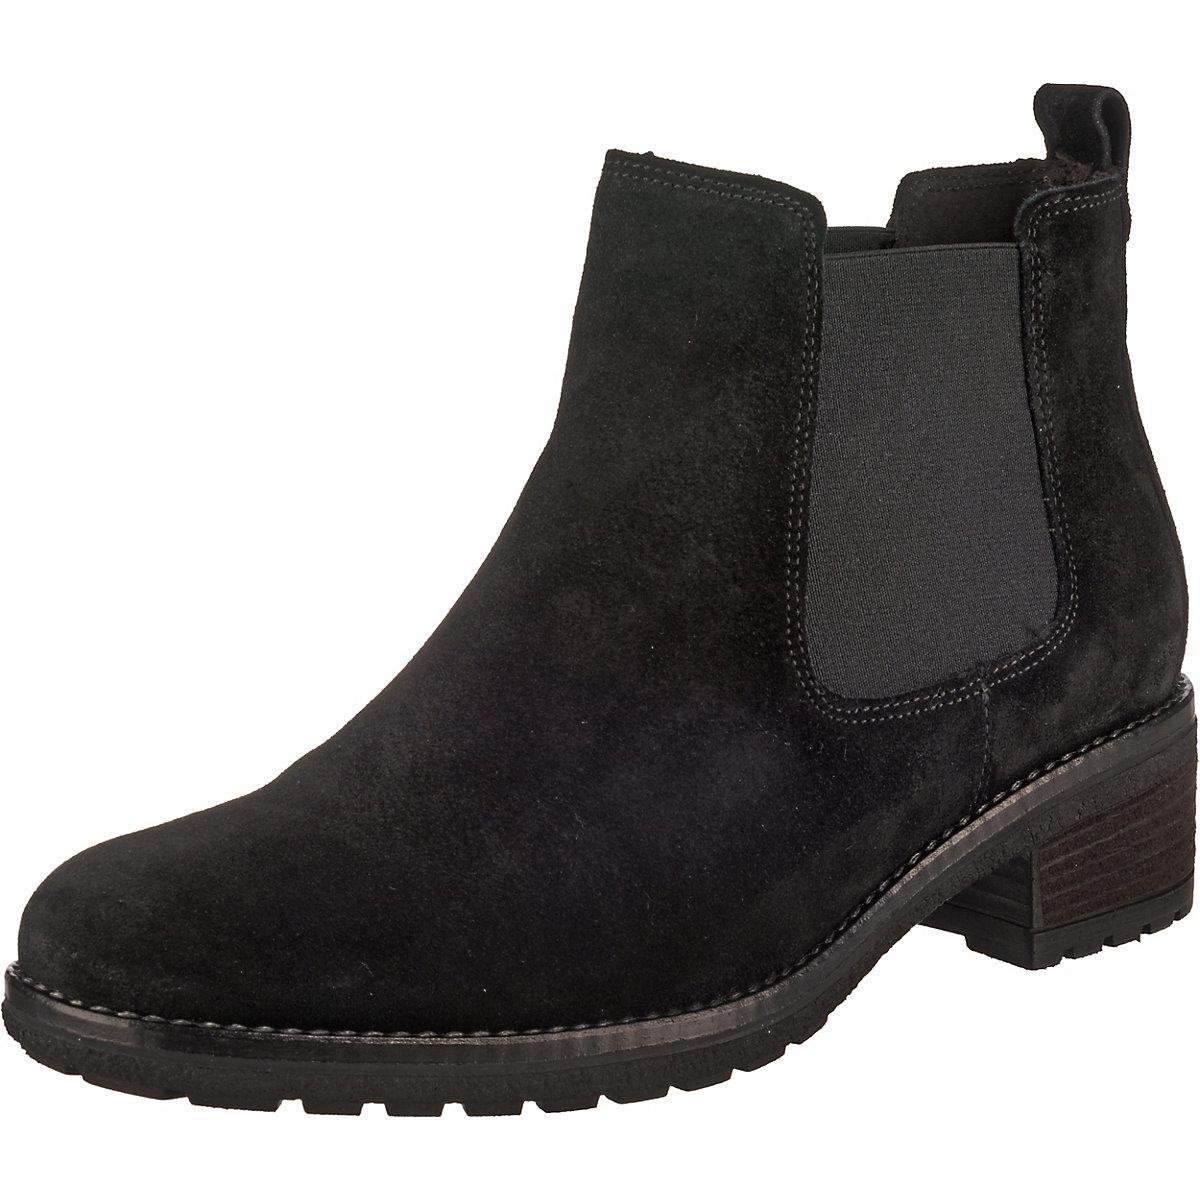 Gabor, Winterstiefeletten, schwarz  Gute Qualität beliebte Schuhe